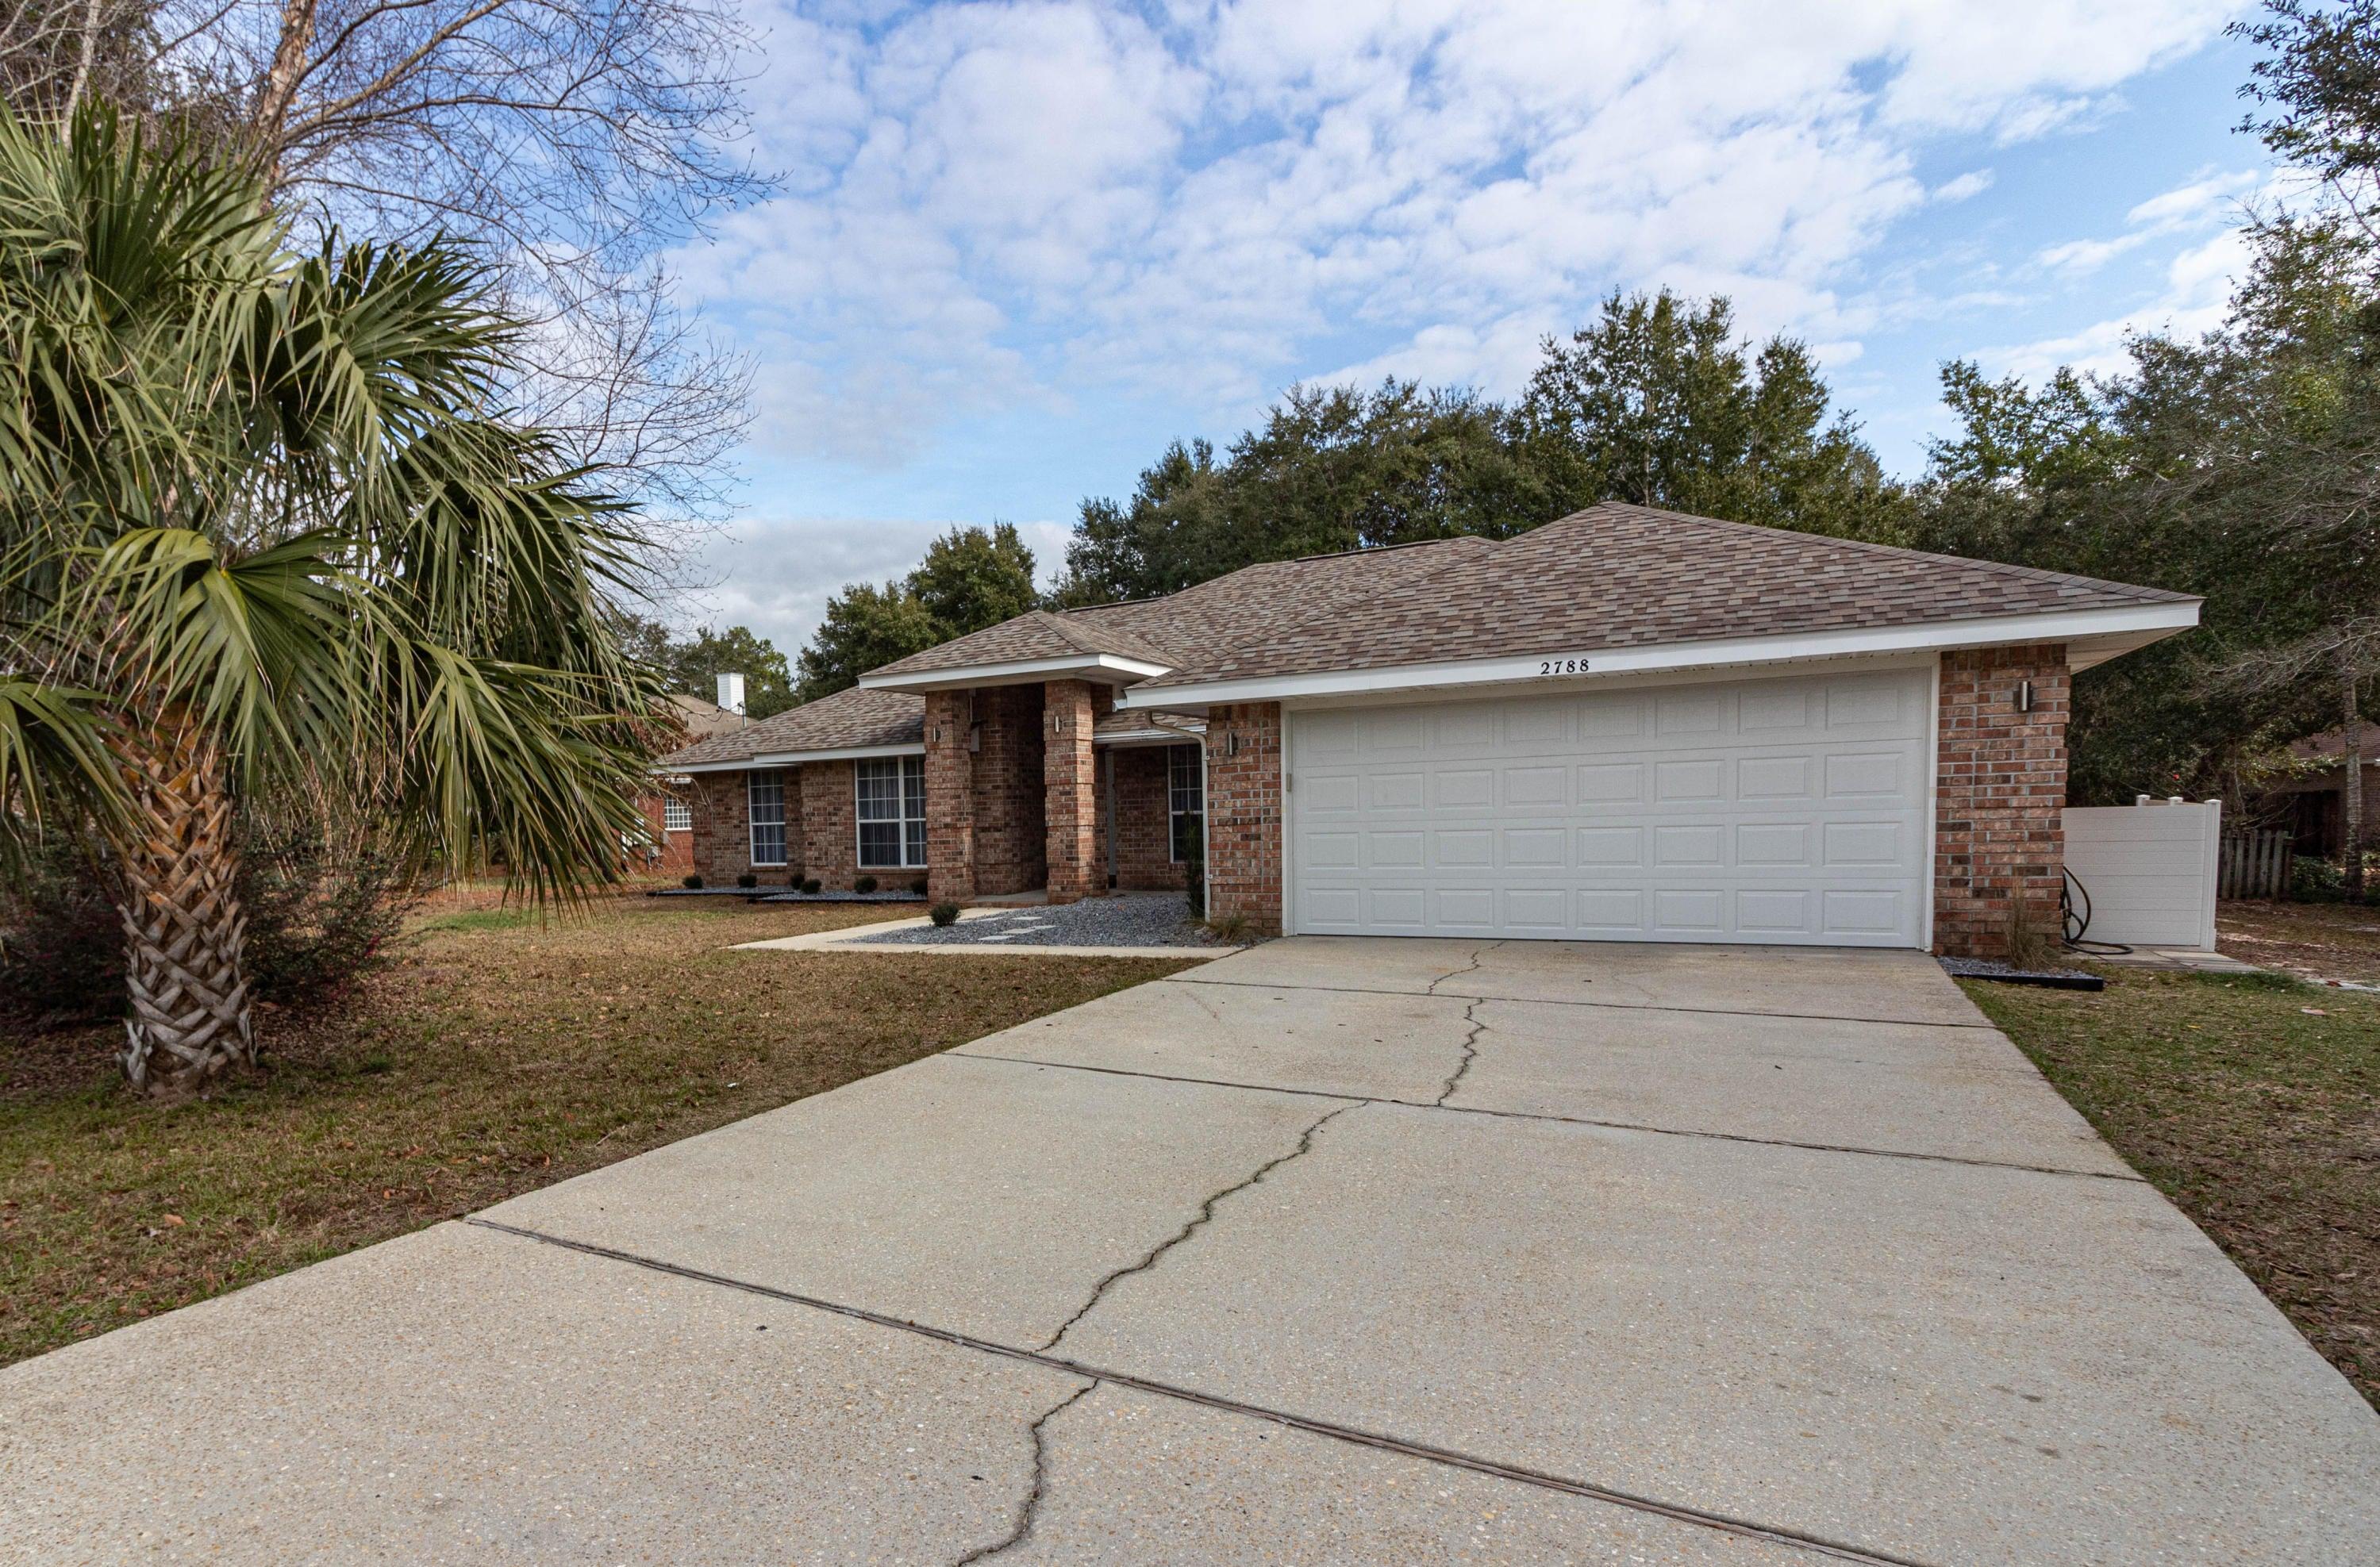 2788 Sherwood Drive, Navarre, FL 32566